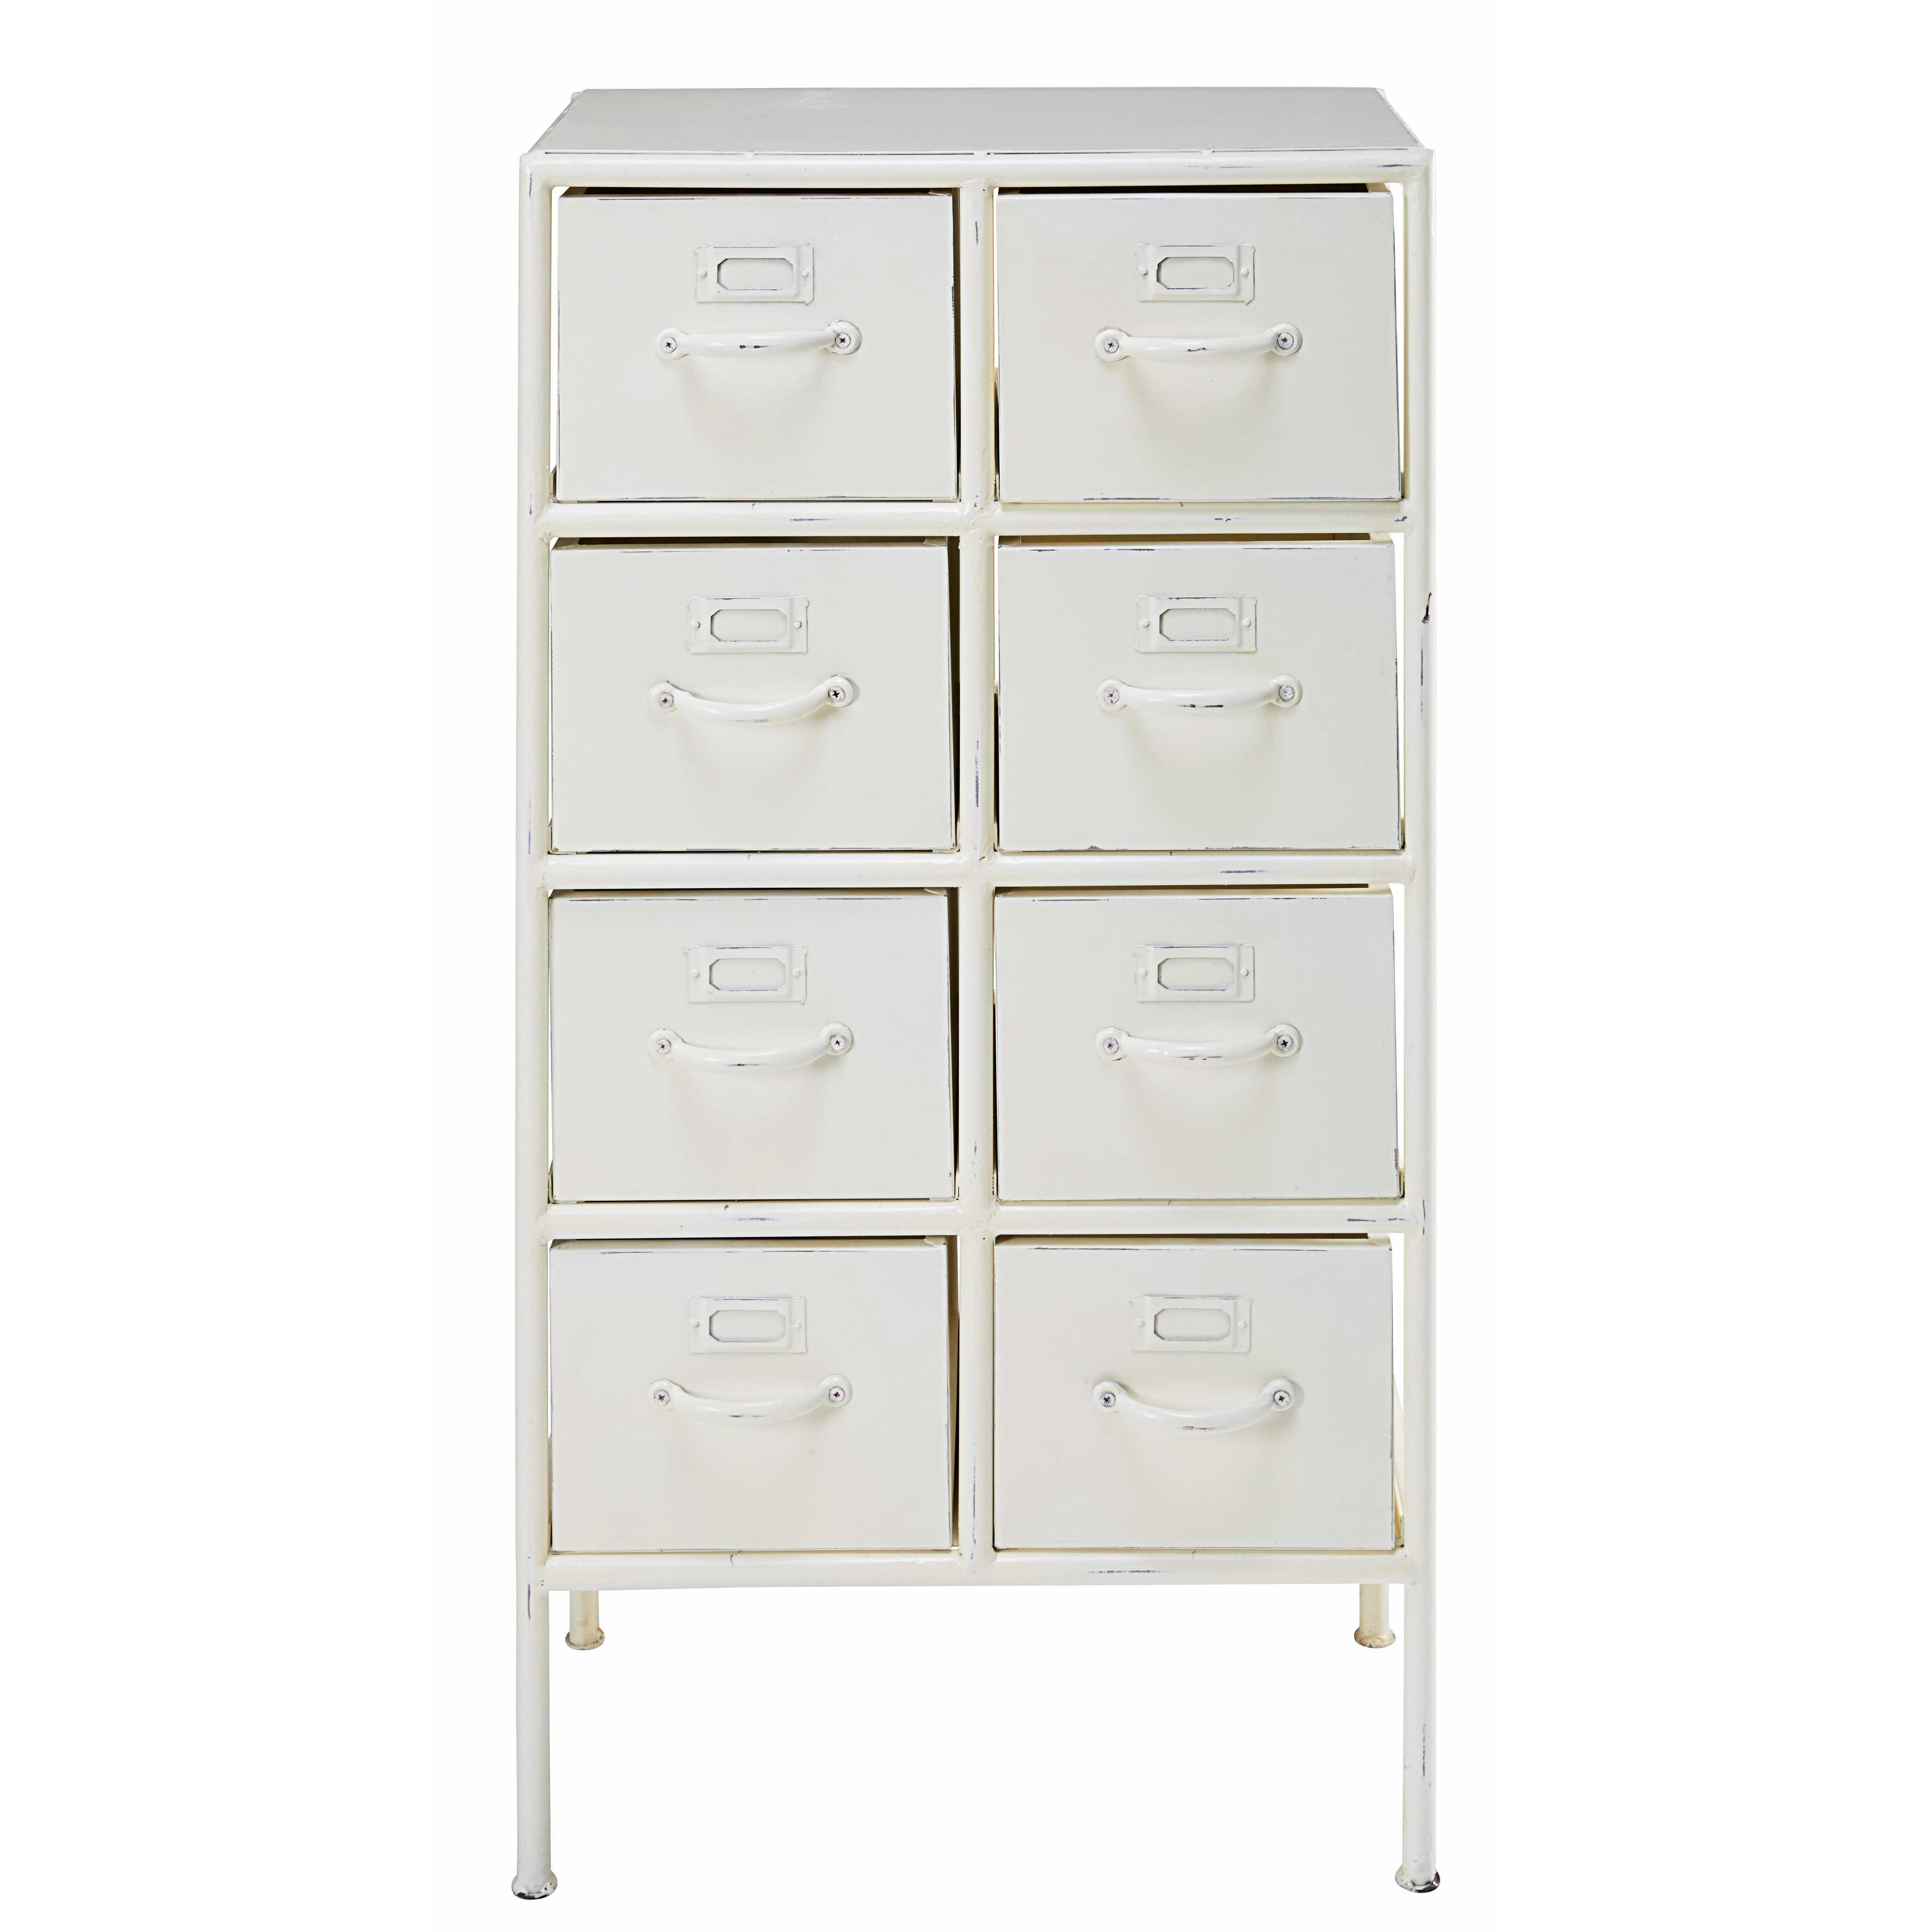 Kommode mit 8 Schubladen aus weißem Metall in Alt-Optik | Drawers ...